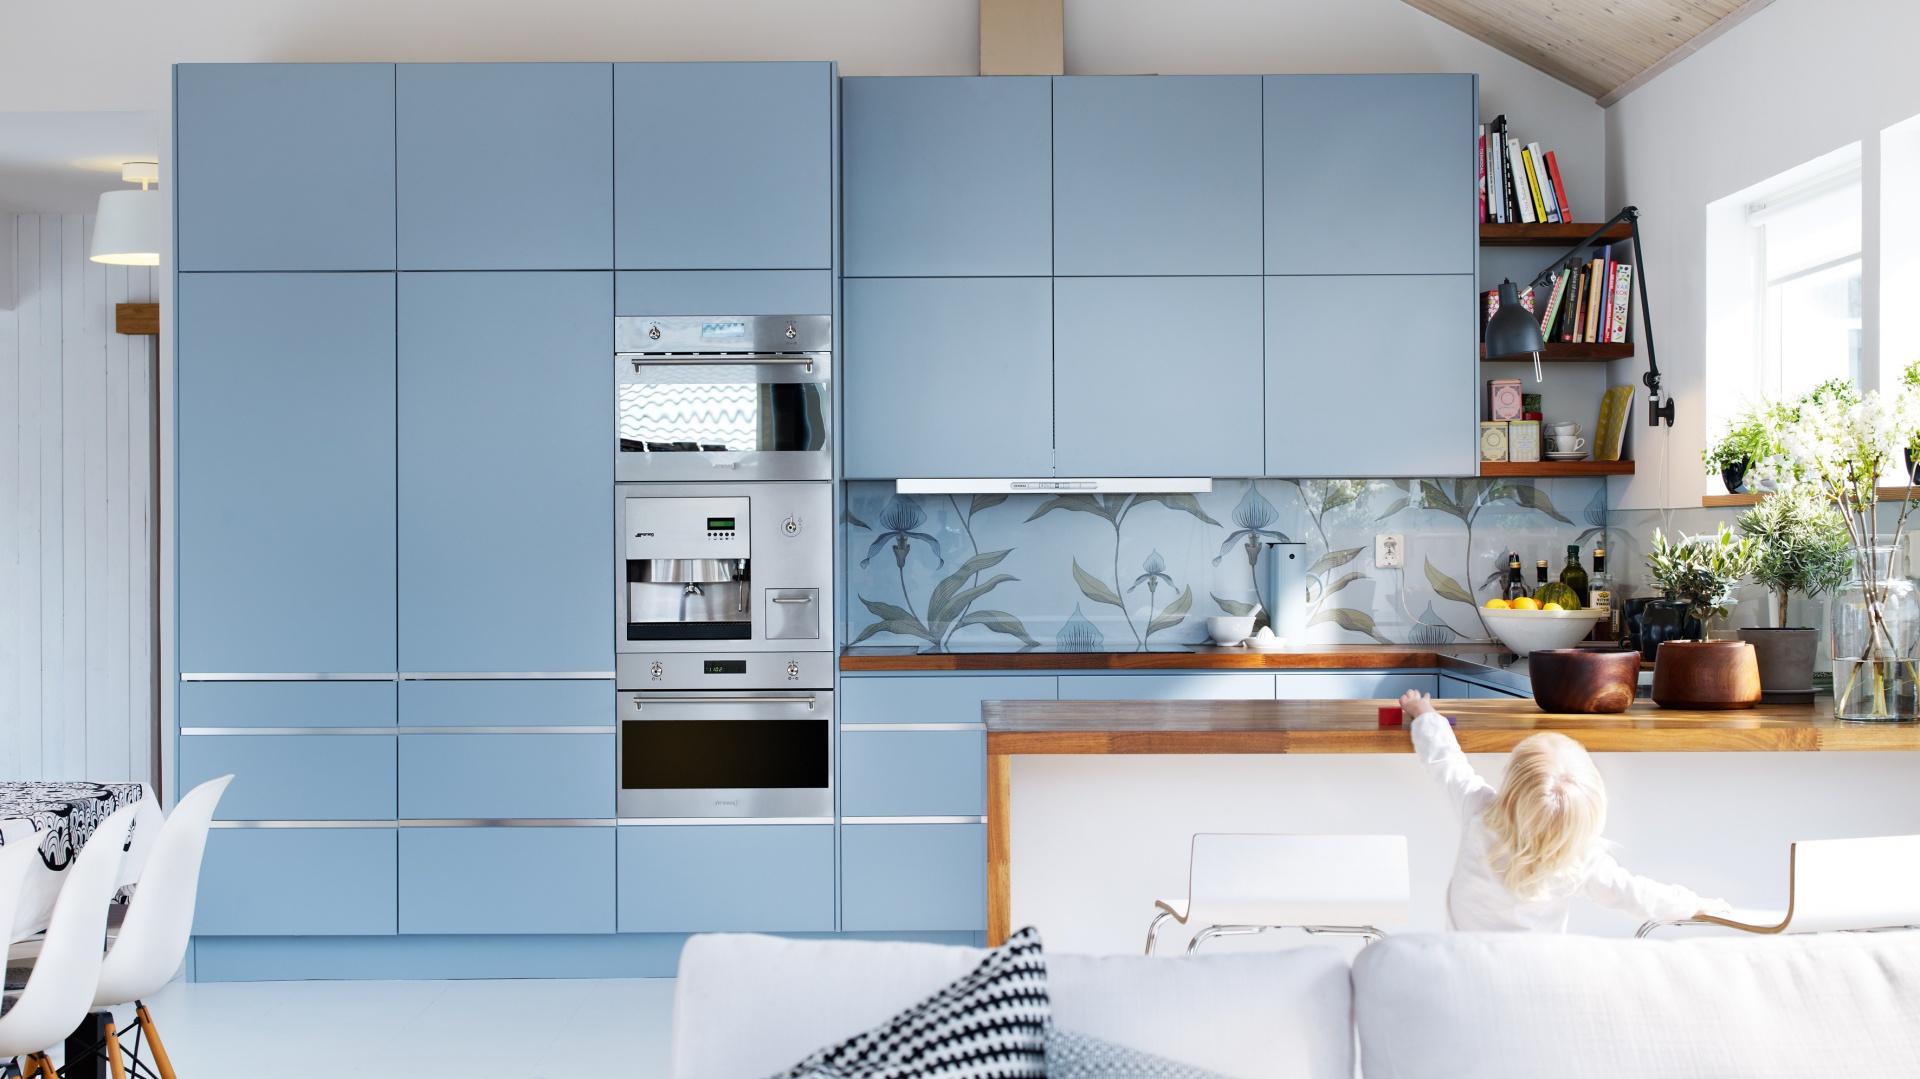 Meble do kuchni z kolekcji Kolor w kuchni 12   -> Kuchnia W Kolorze Niebieskim